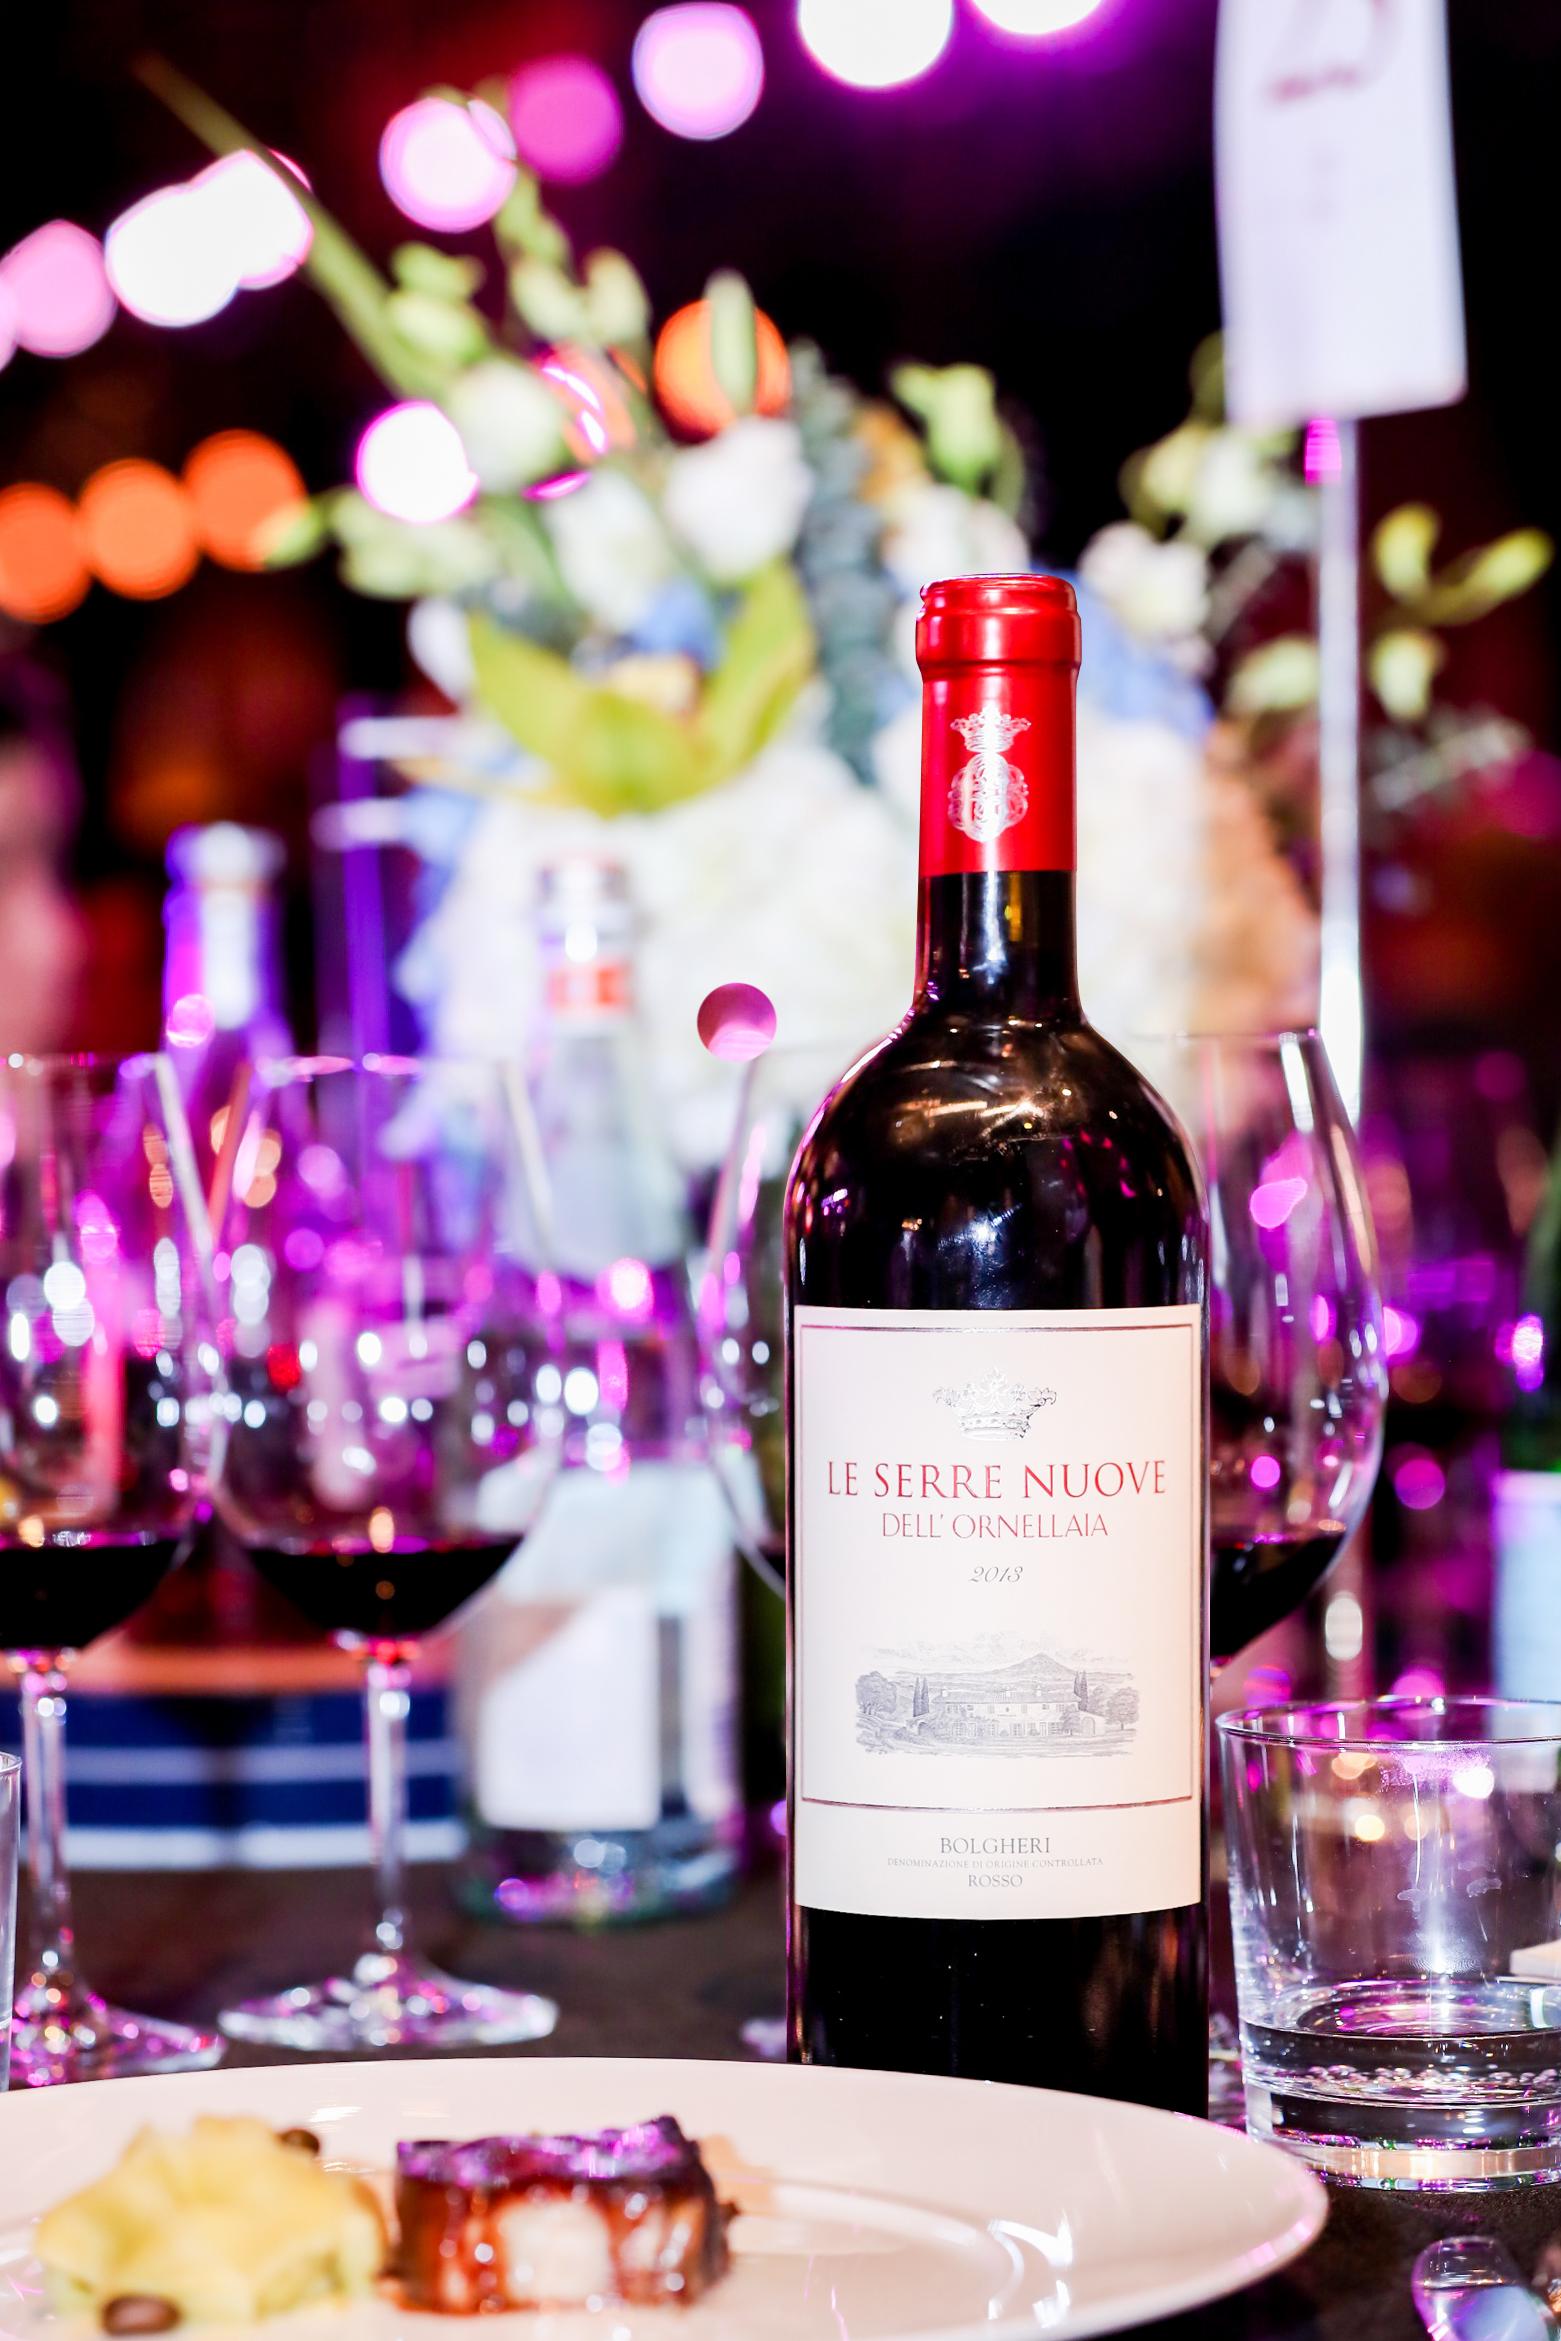 2020北京米其林指南发布,晚宴菜单酒单揭秘